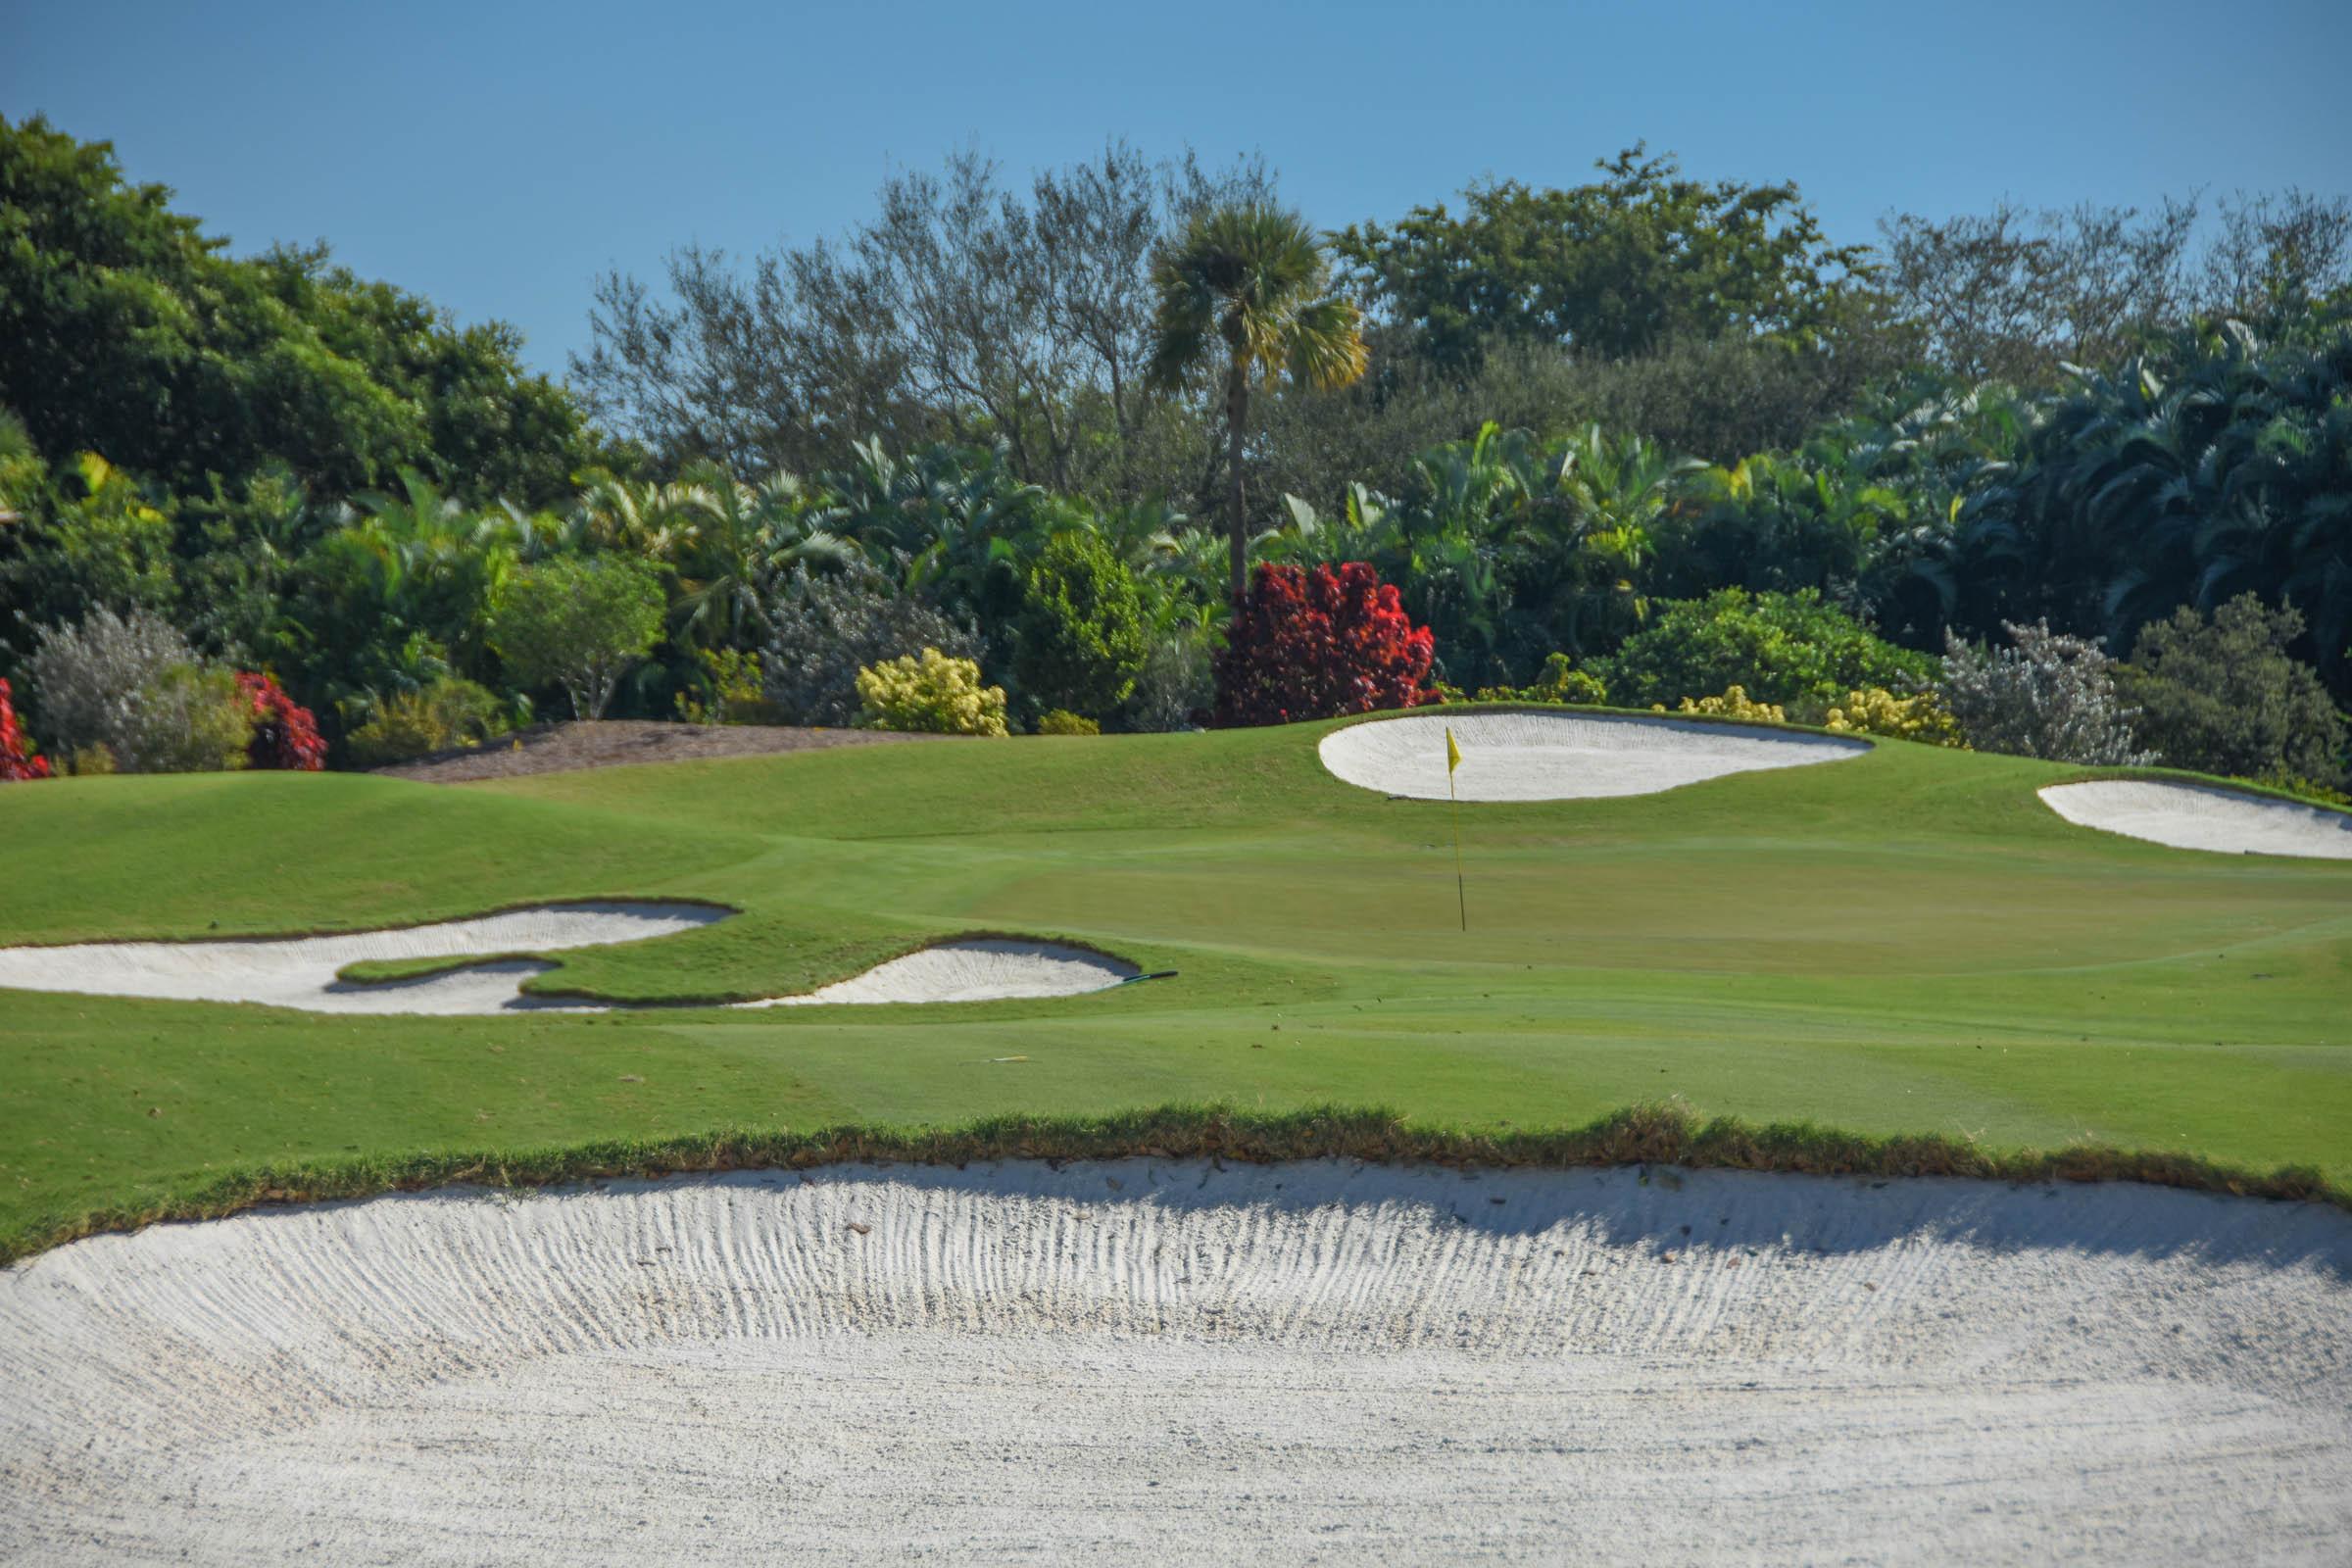 Adios Golf Club1-8.jpg